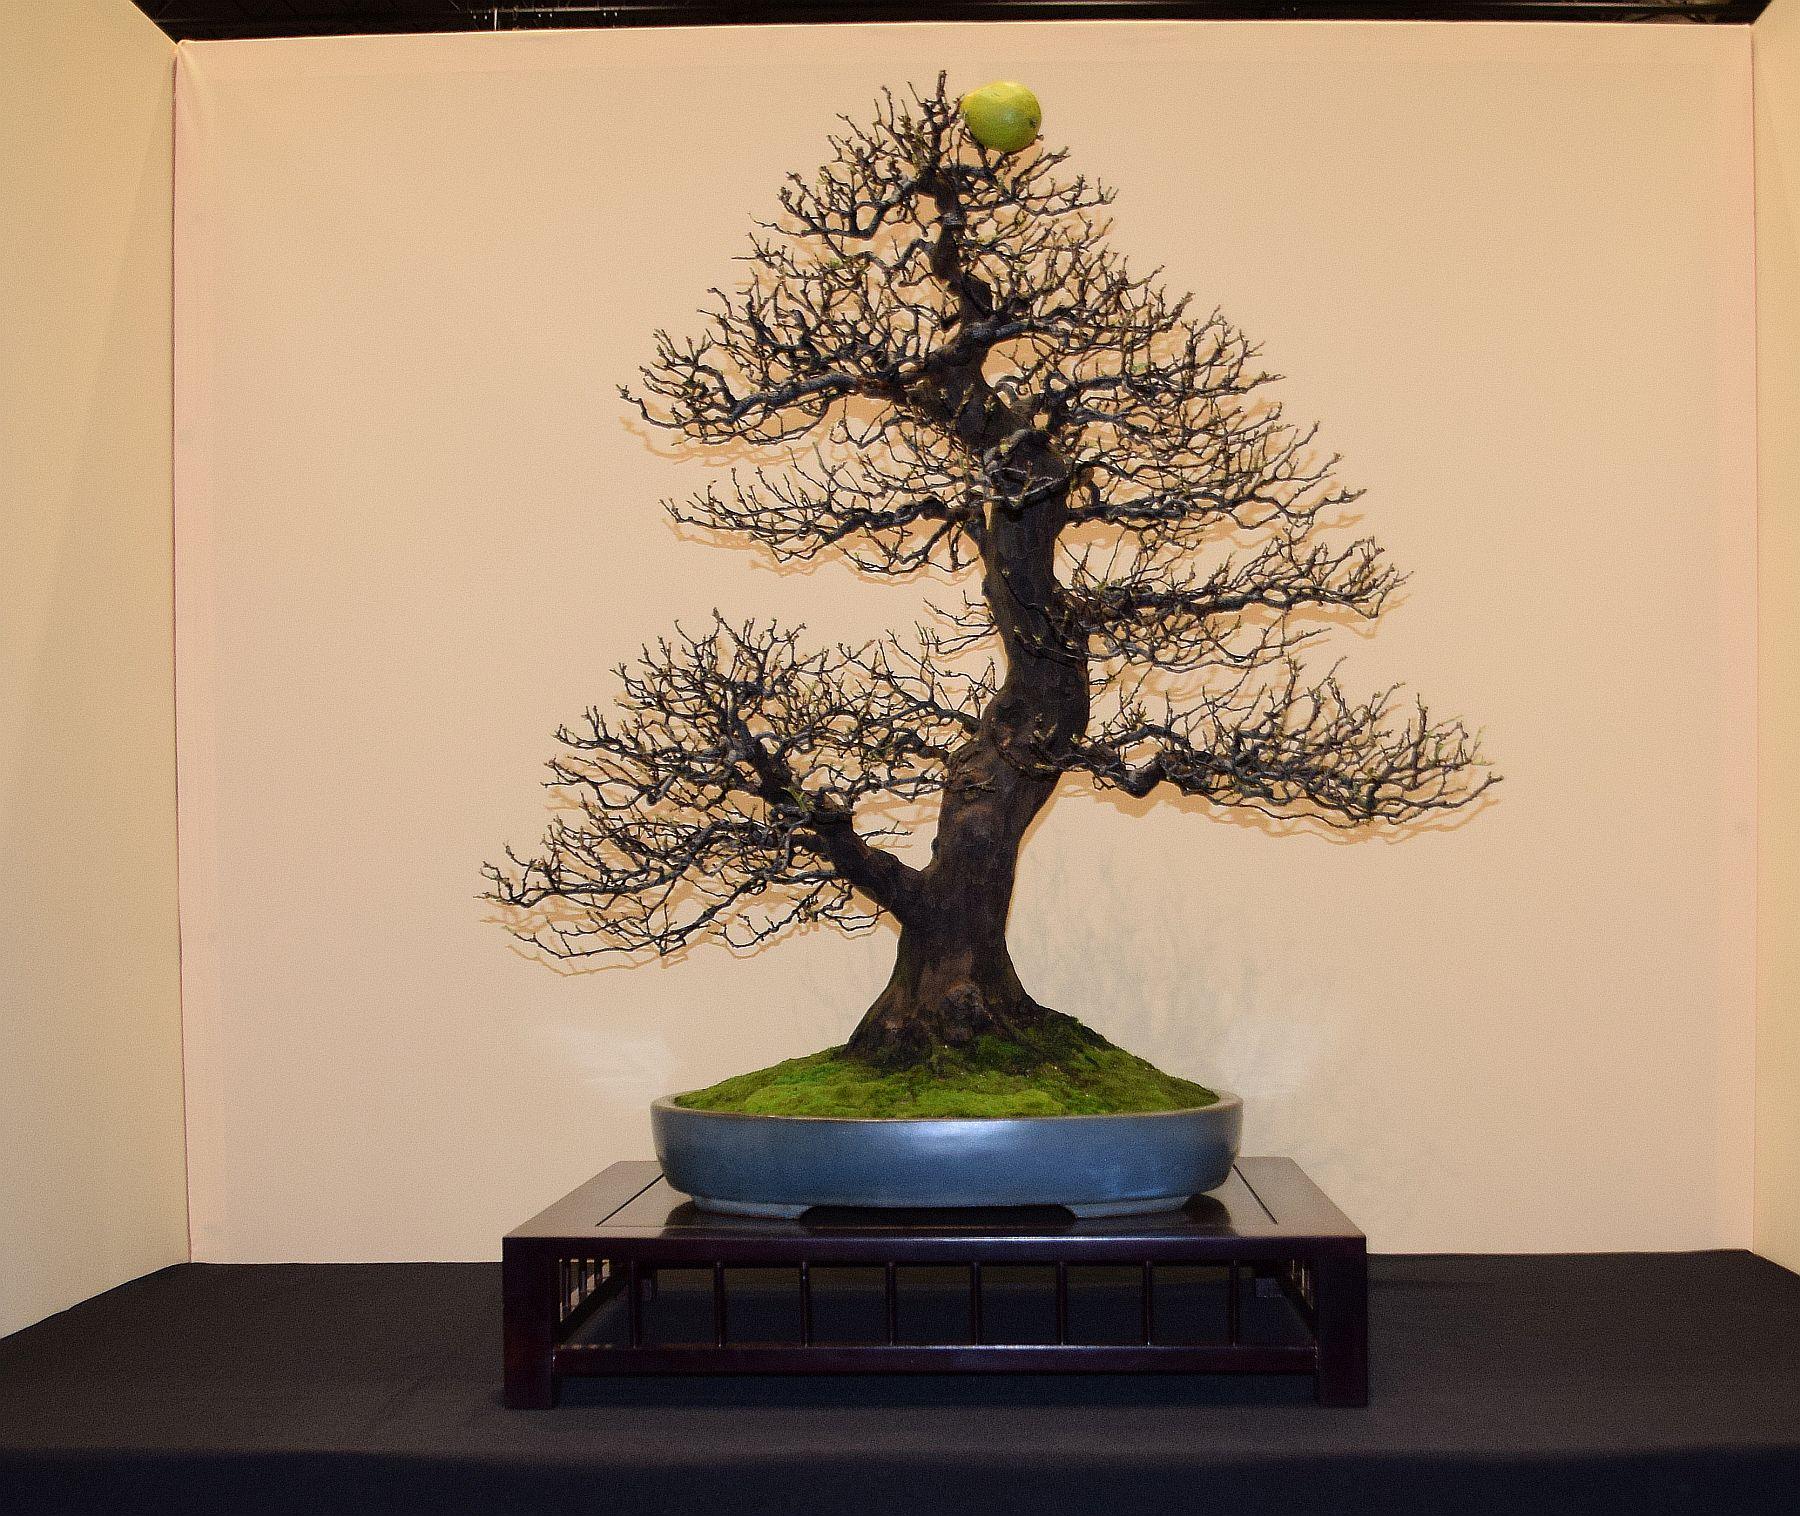 euk-bonsai-ten-2016-jp-polmans-collectie-014